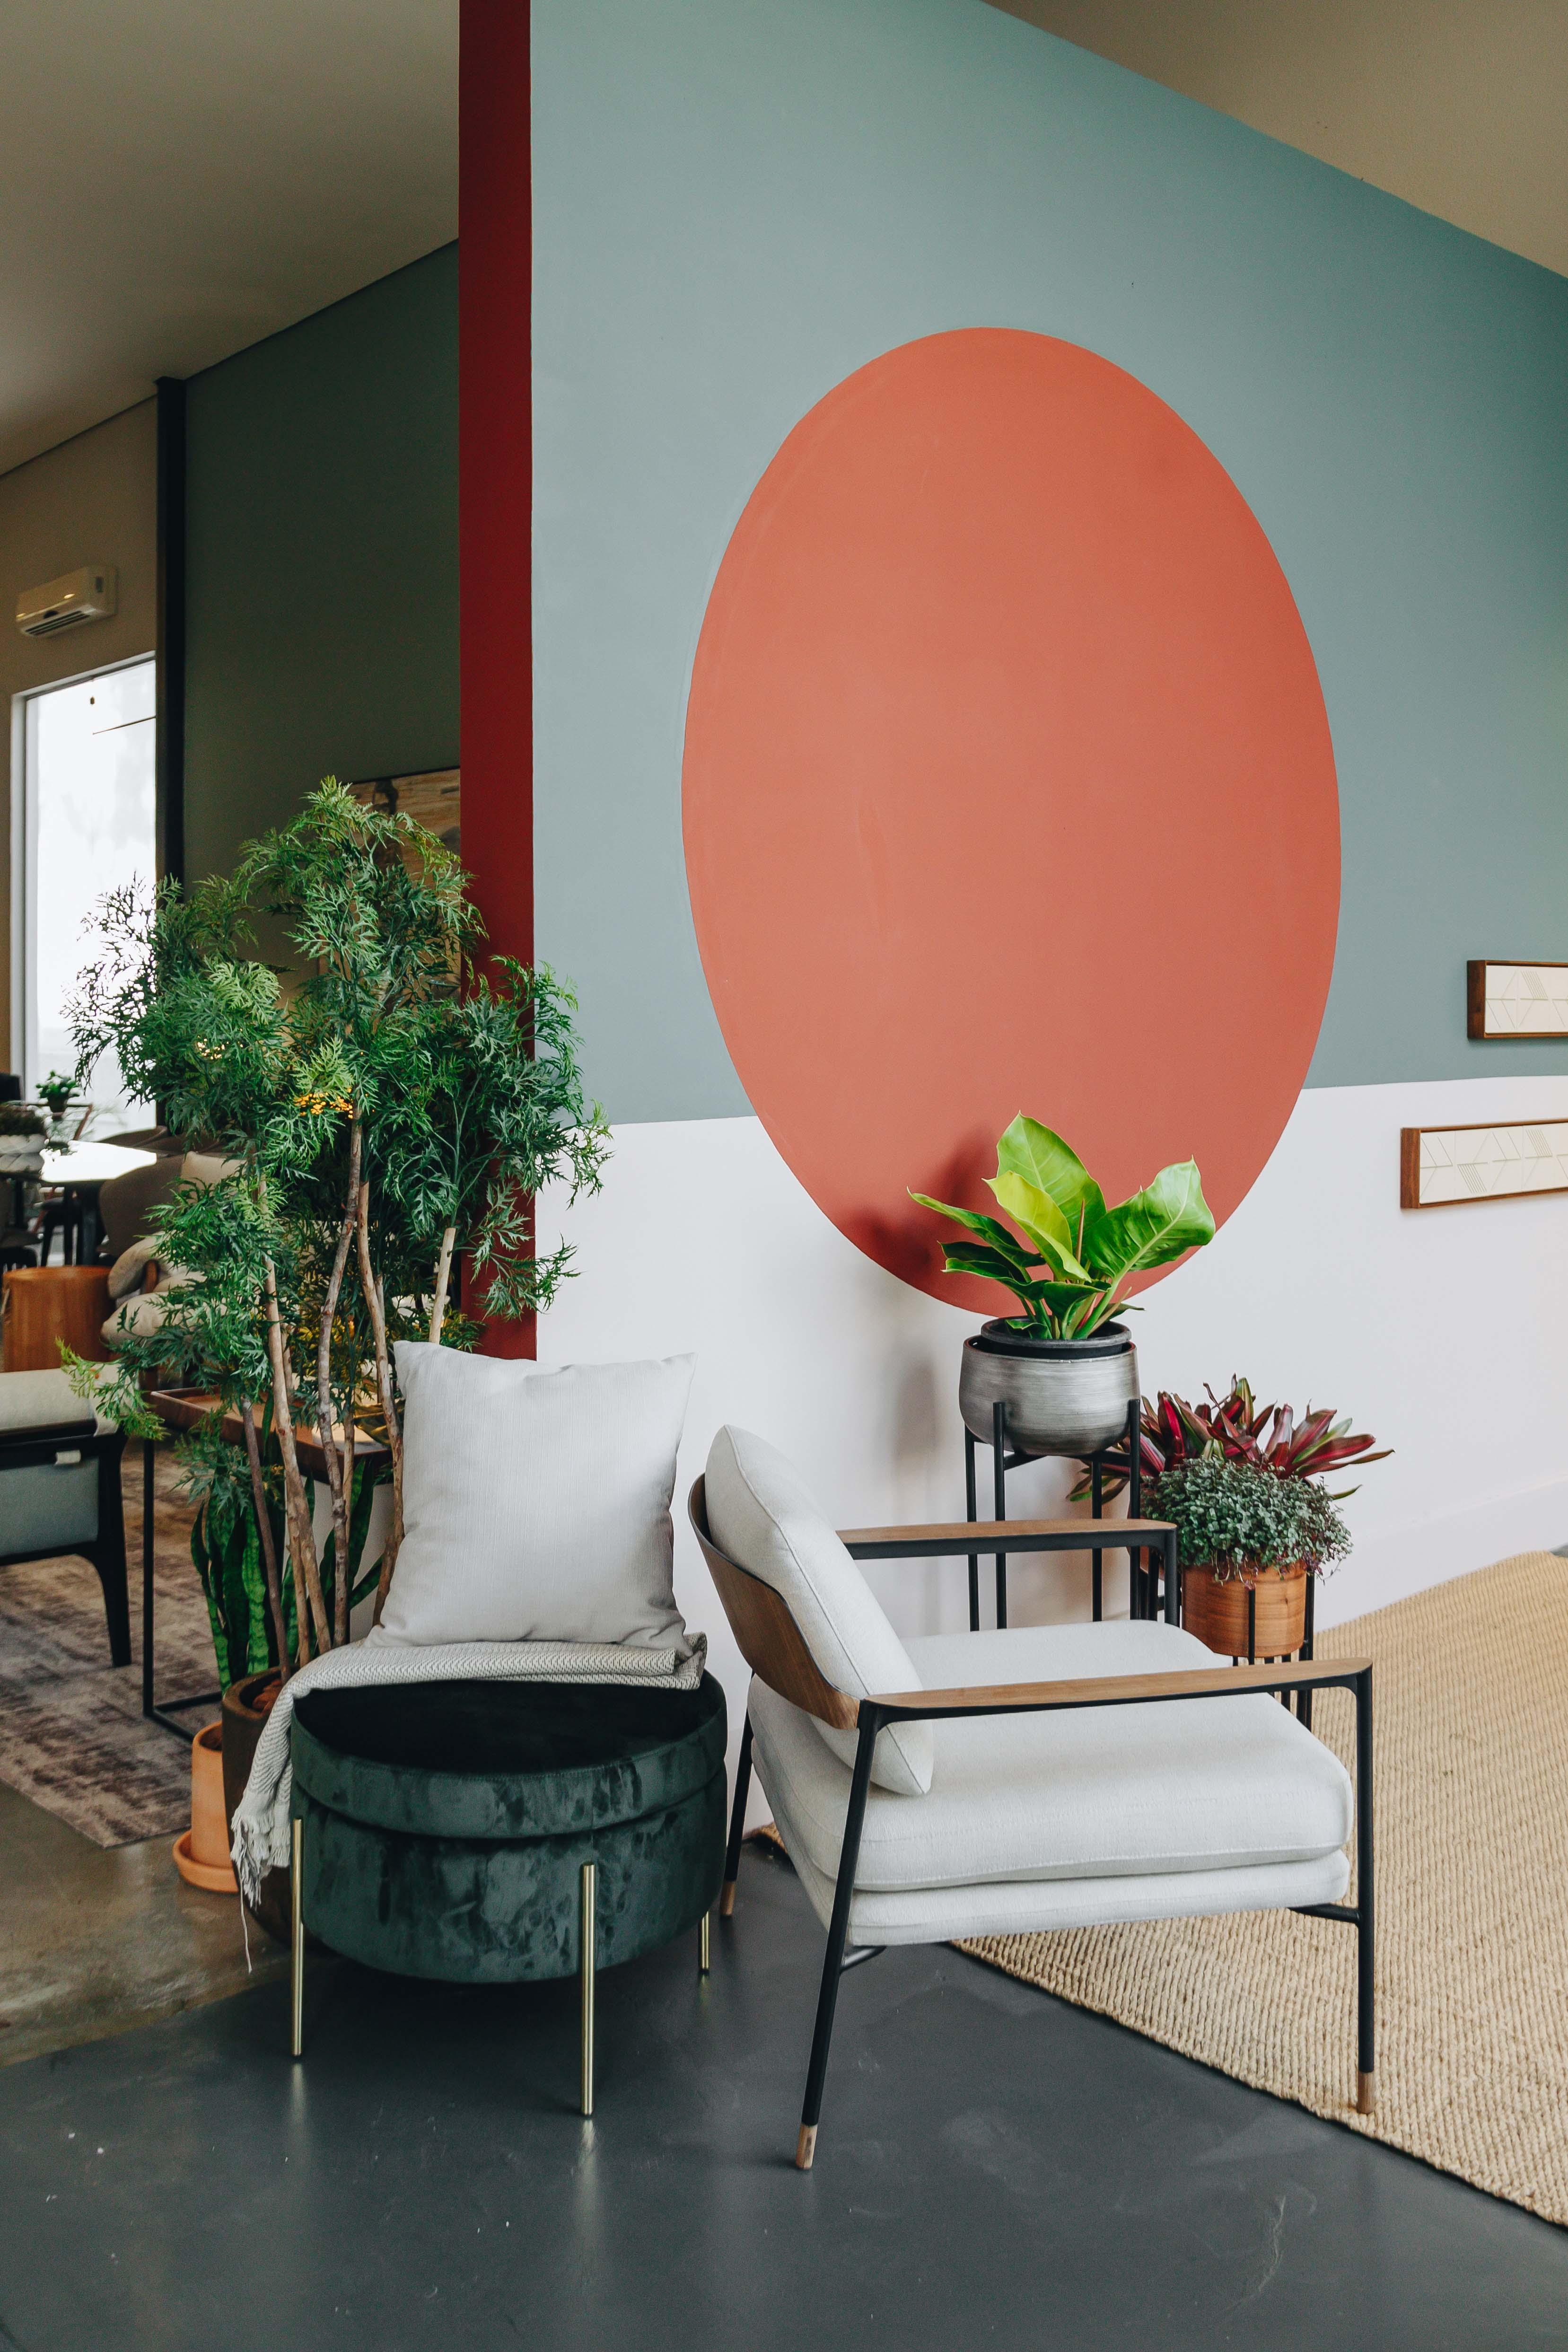 quarto de 16 m² ganha décor perfeito para o verão